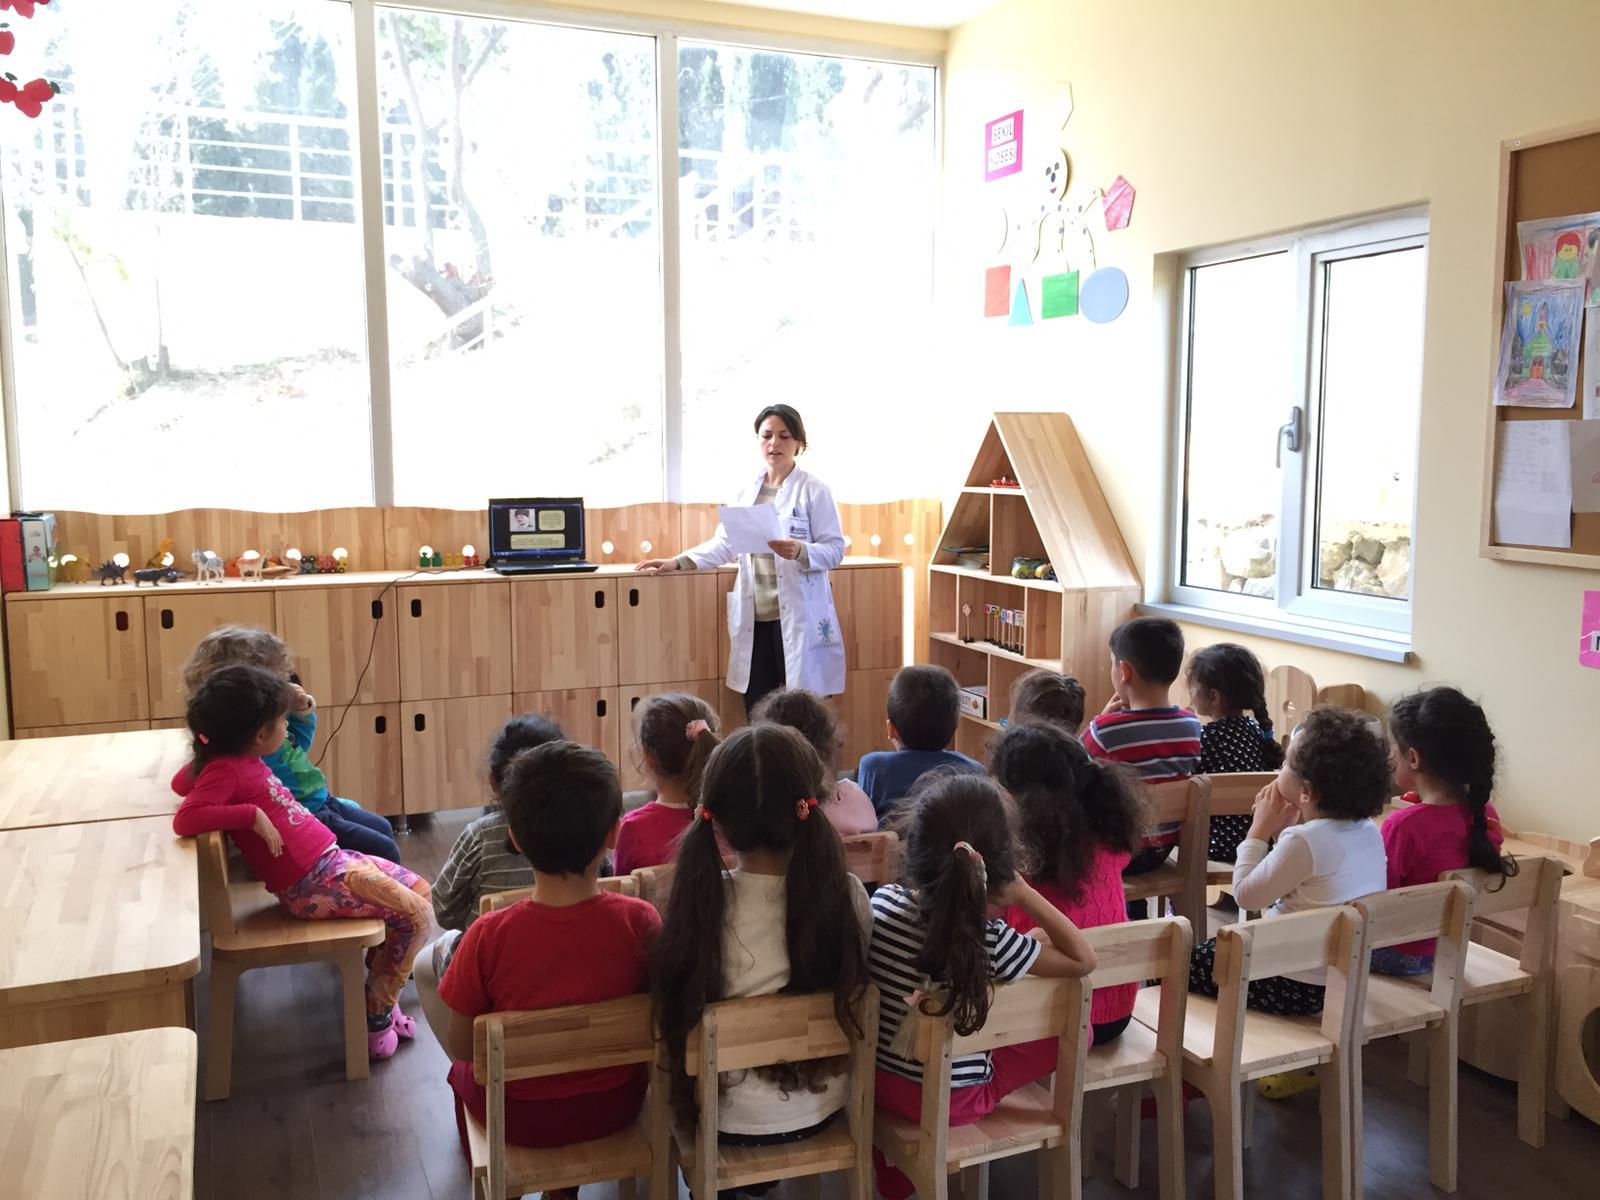 Alerji ile Yaşam Derneği'nden Türkiye'de alerjik çocuklara özel ilk kreş